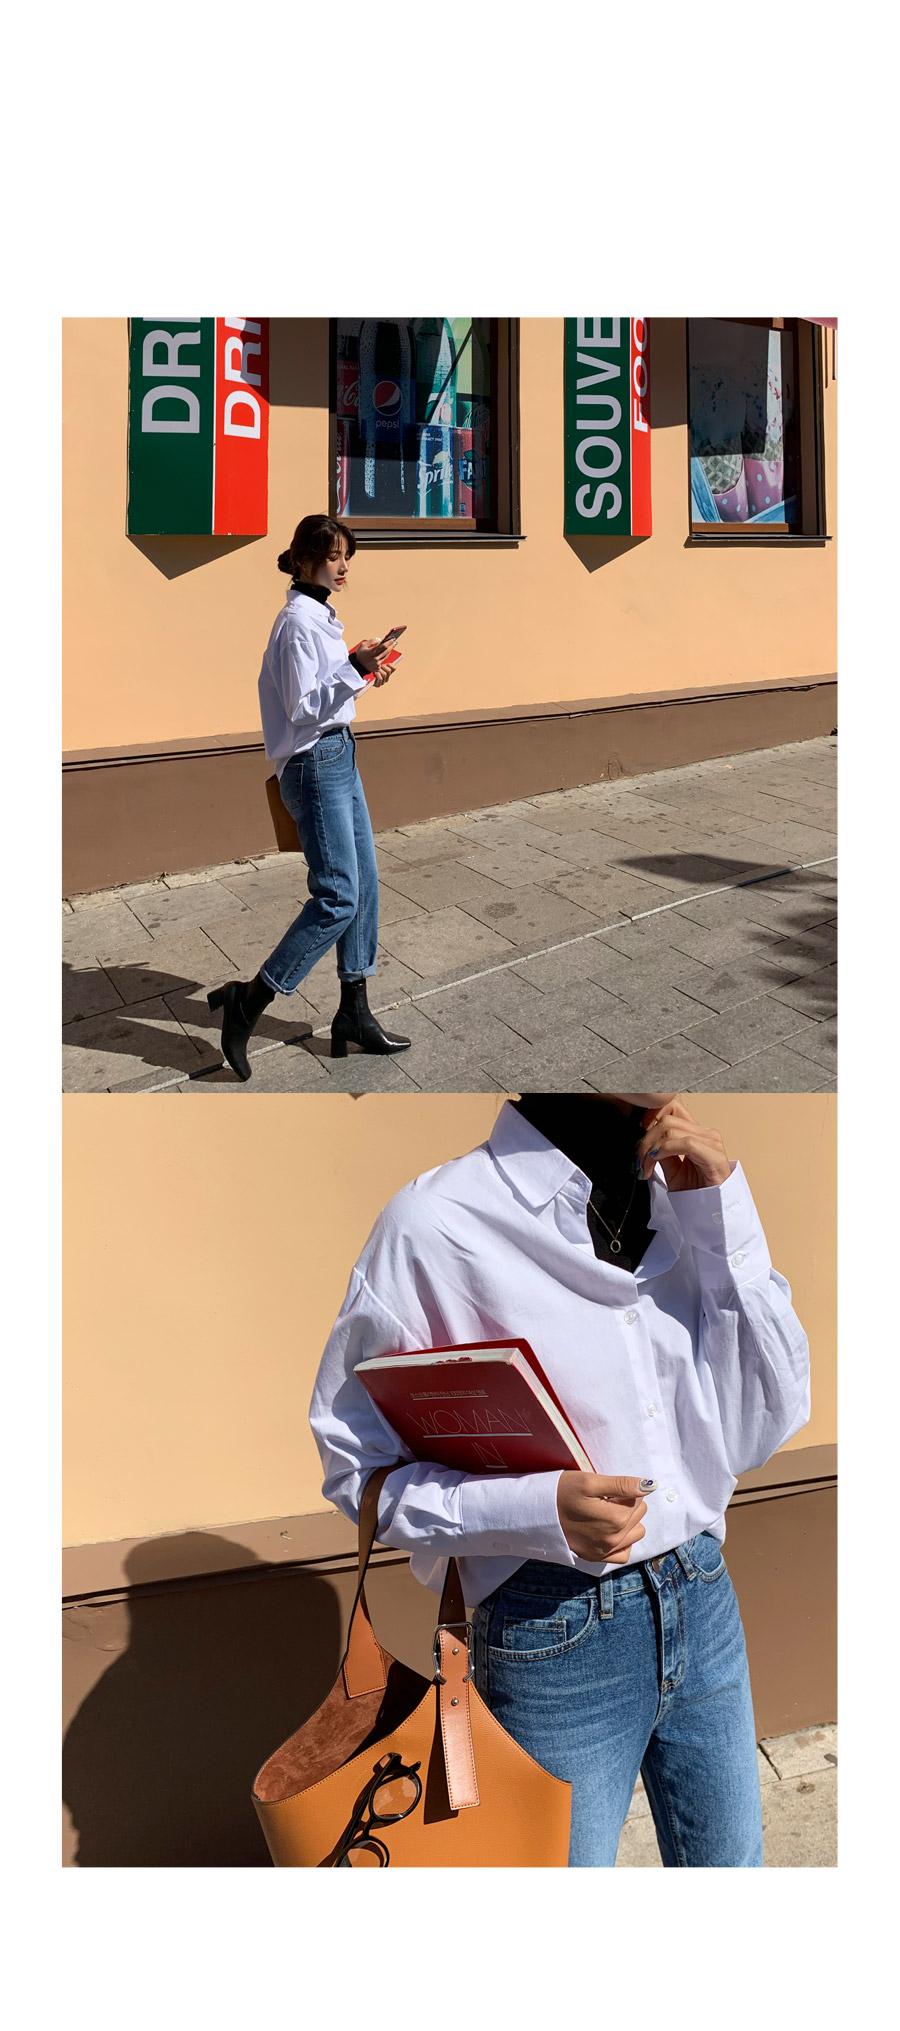 翻領排扣大衣